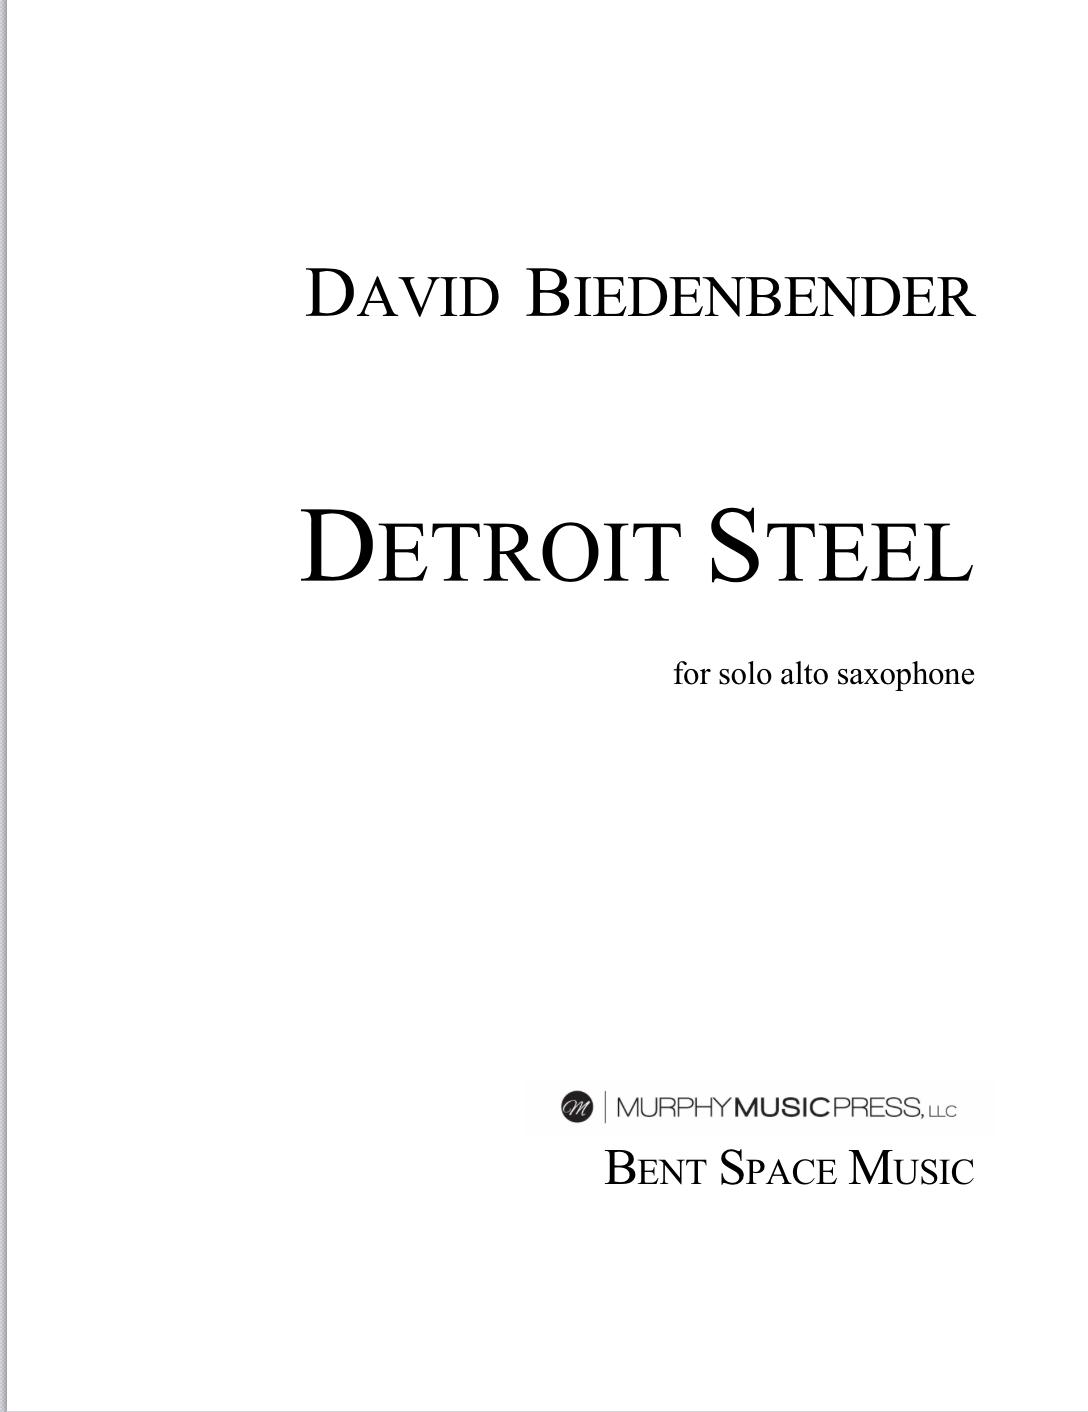 Detroit Steel by David Biedenbender